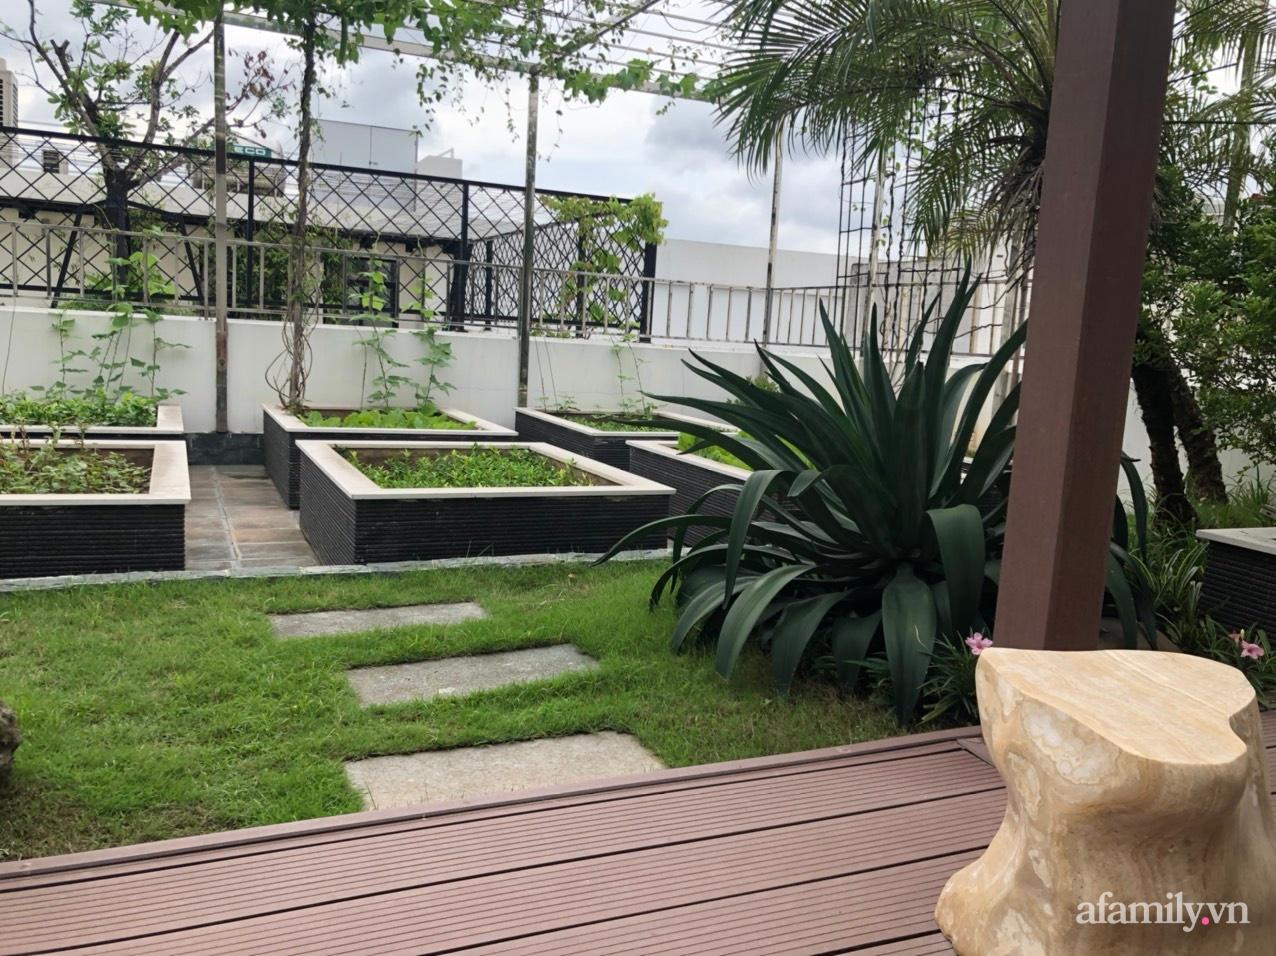 Vườn rau quả sạch 100m2 trên mái nhà của người phụ nữ xinh đẹp ở Hà Nội - Ảnh 3.